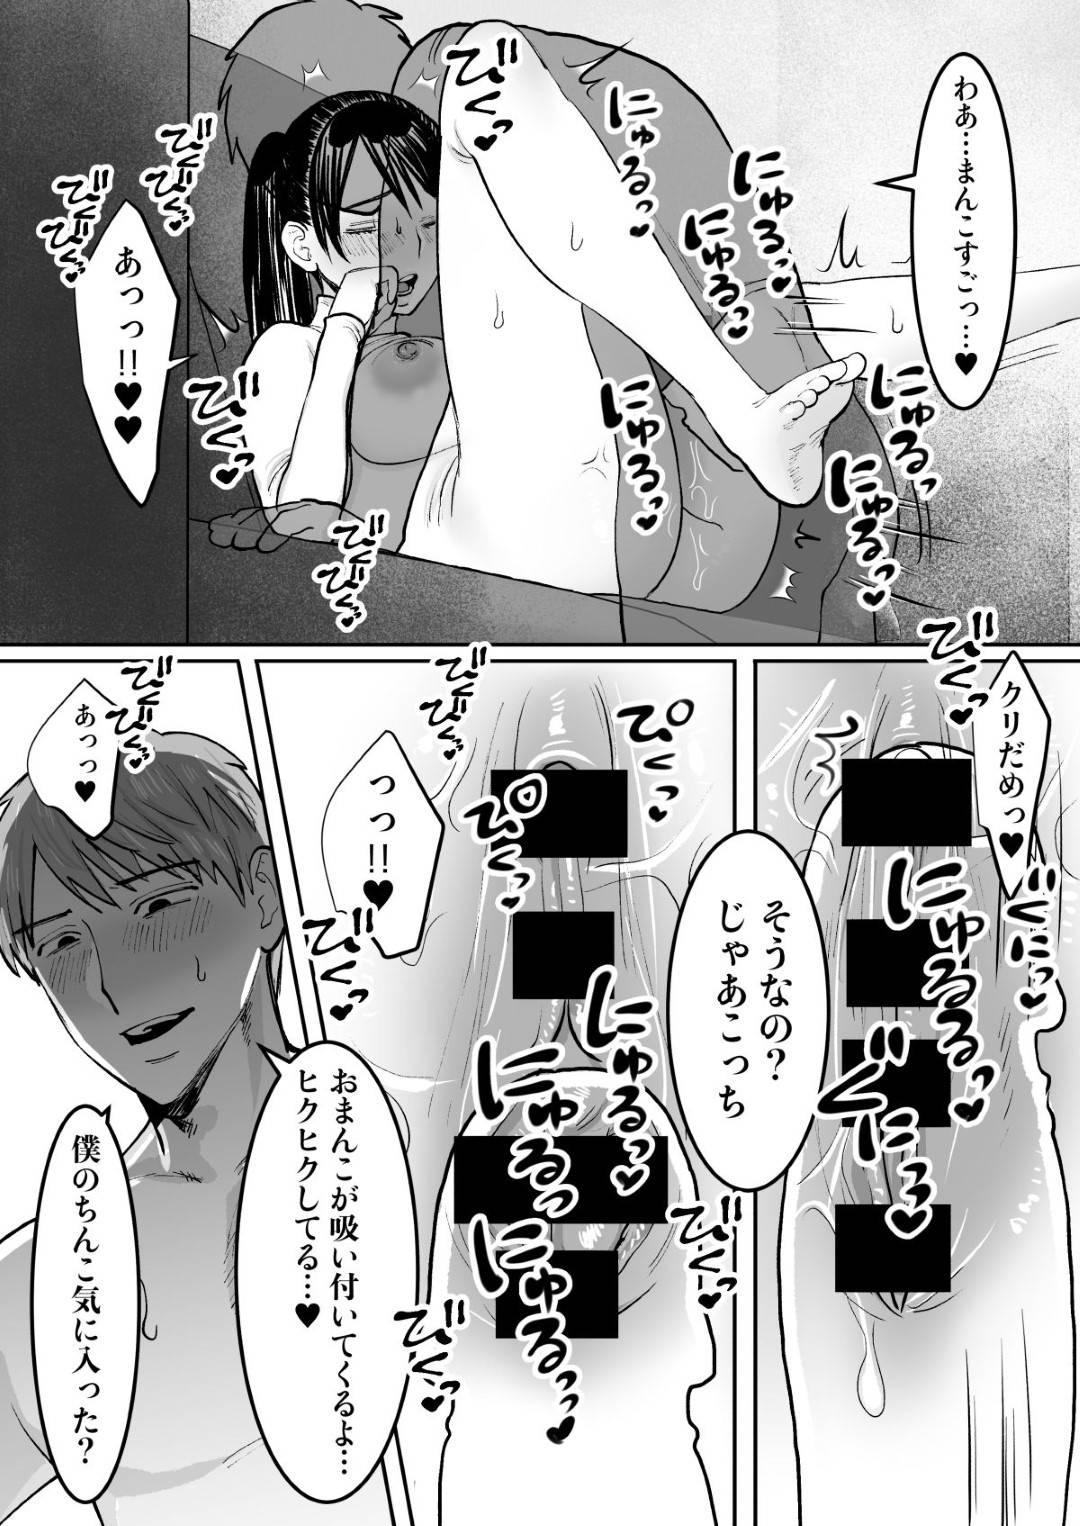 【浮気エロ漫画】幼馴染の年下男にセックスを懇願されちゃうかわいい人妻は中出しセックスでイチャラブしちゃう!【遠山ブリン】